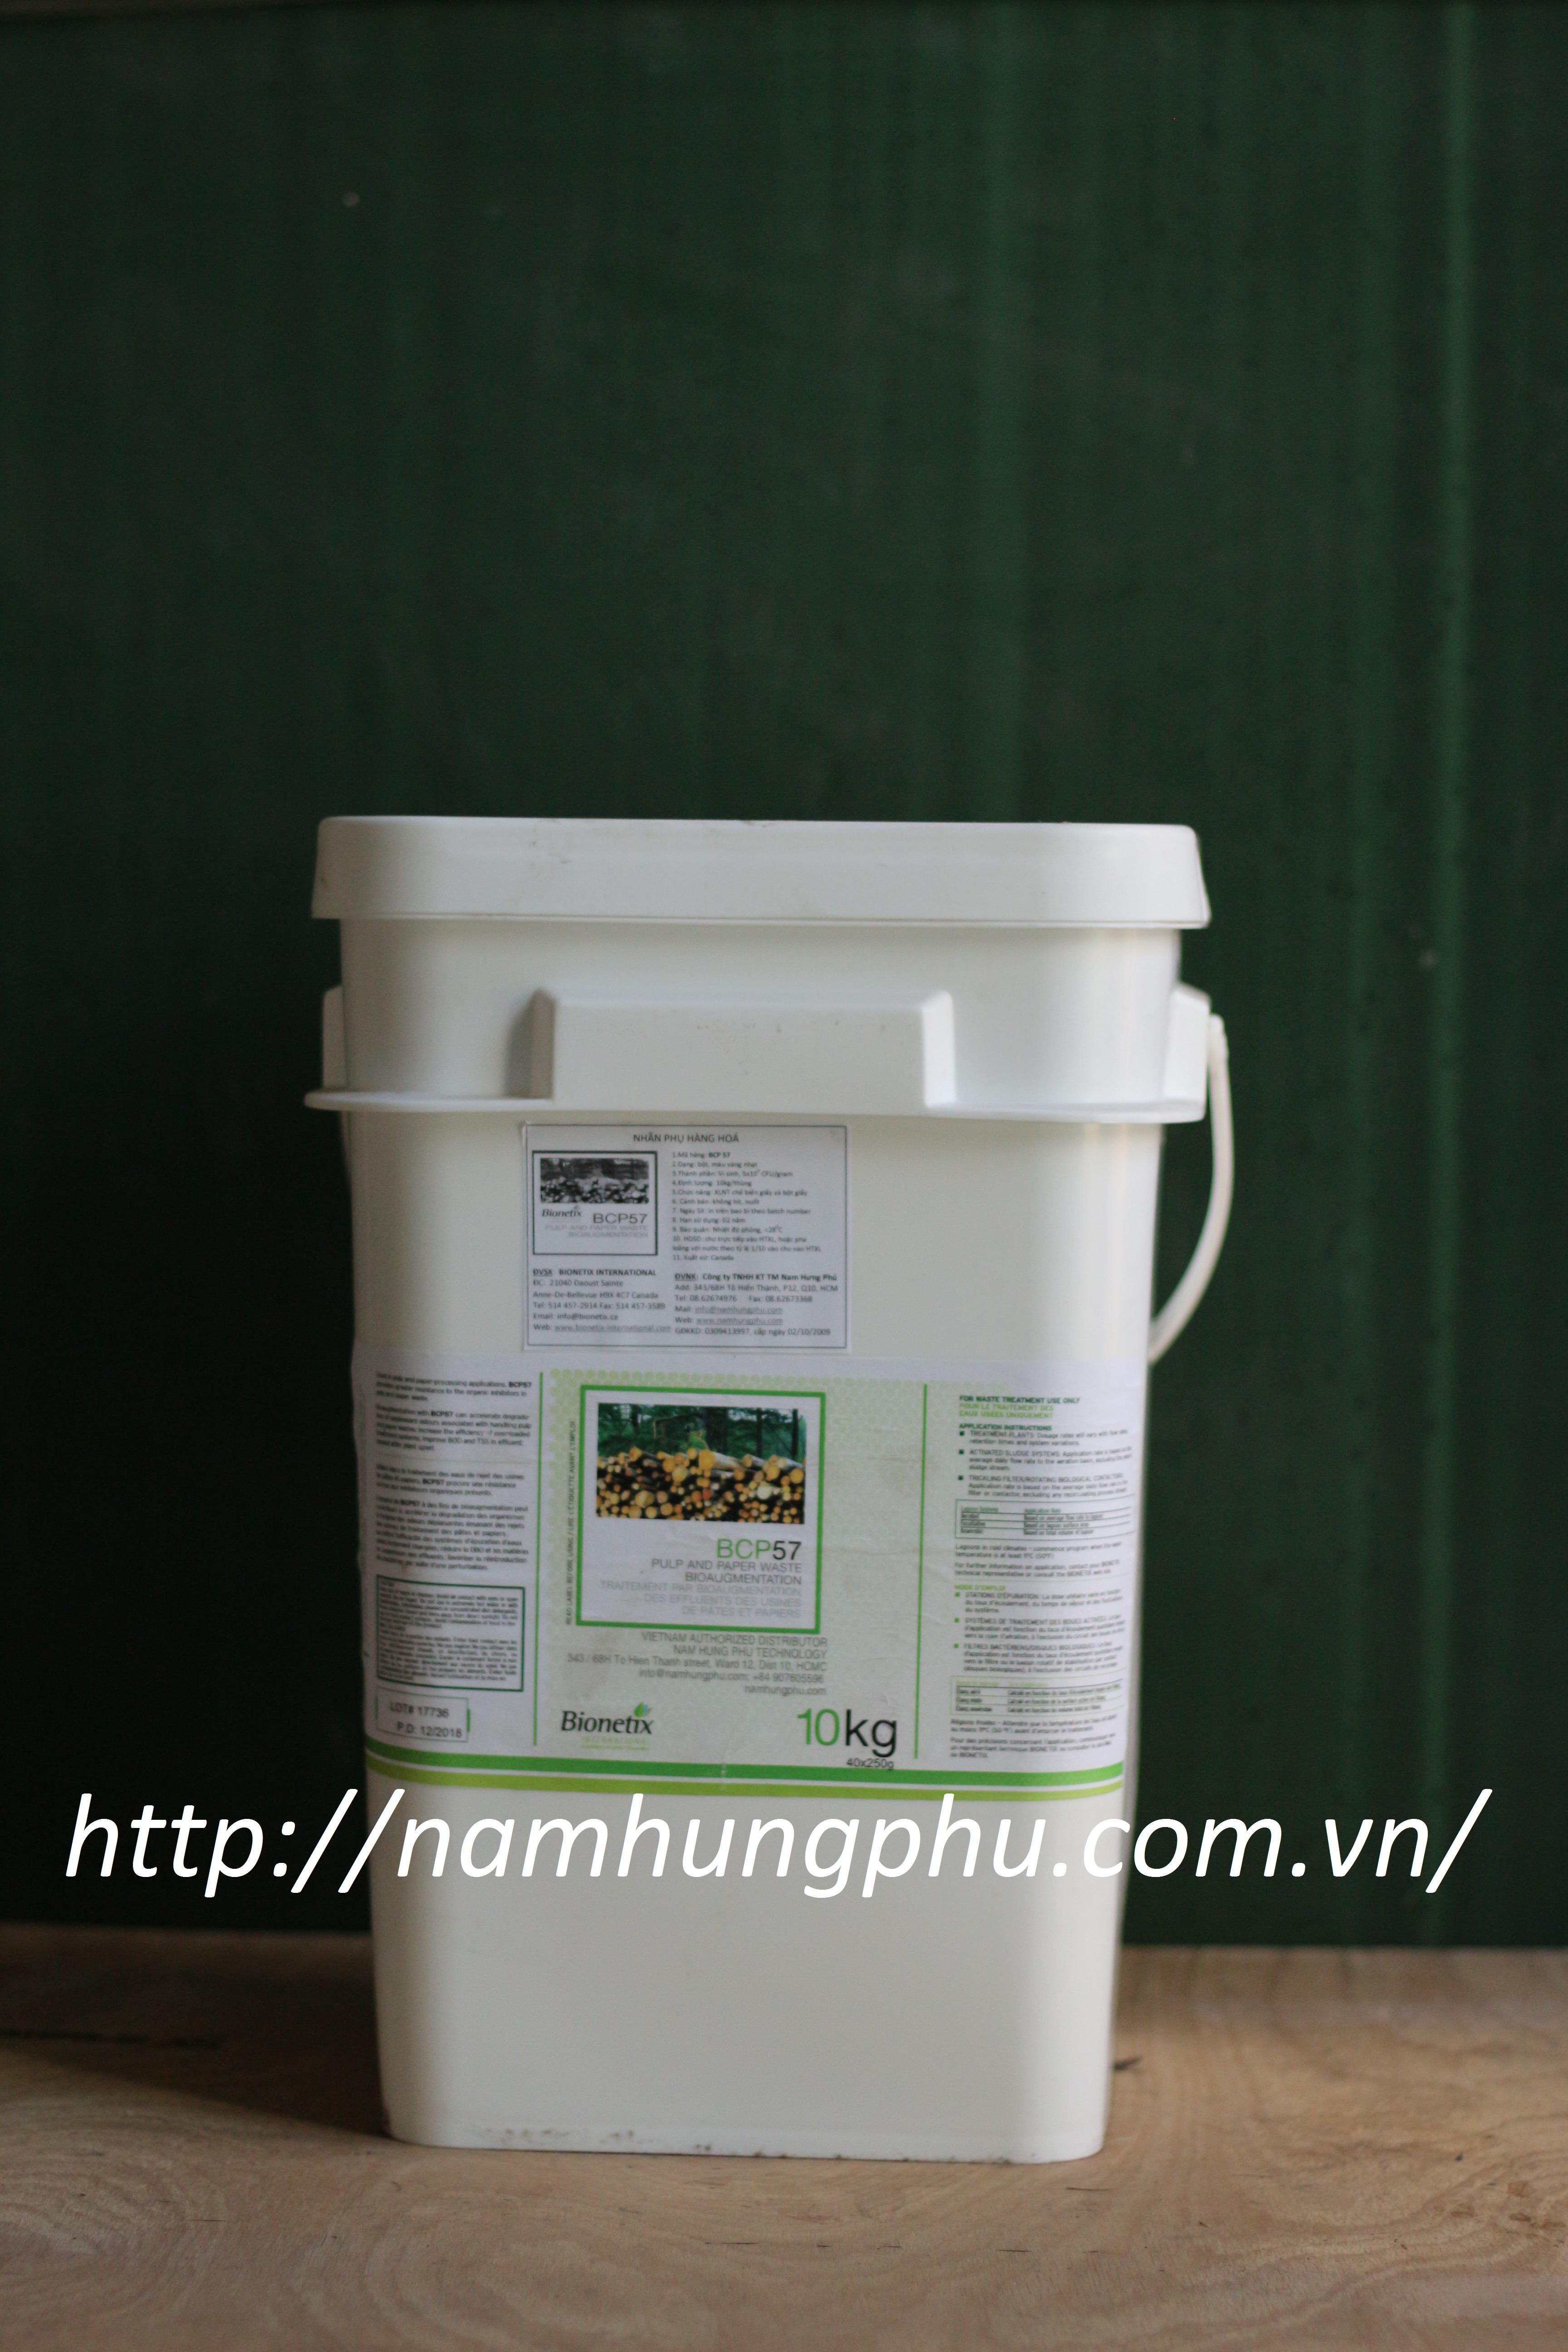 Men vi sinh xử lý nước thải ngành giấy và bột giấy BCP57 (Bionetix)